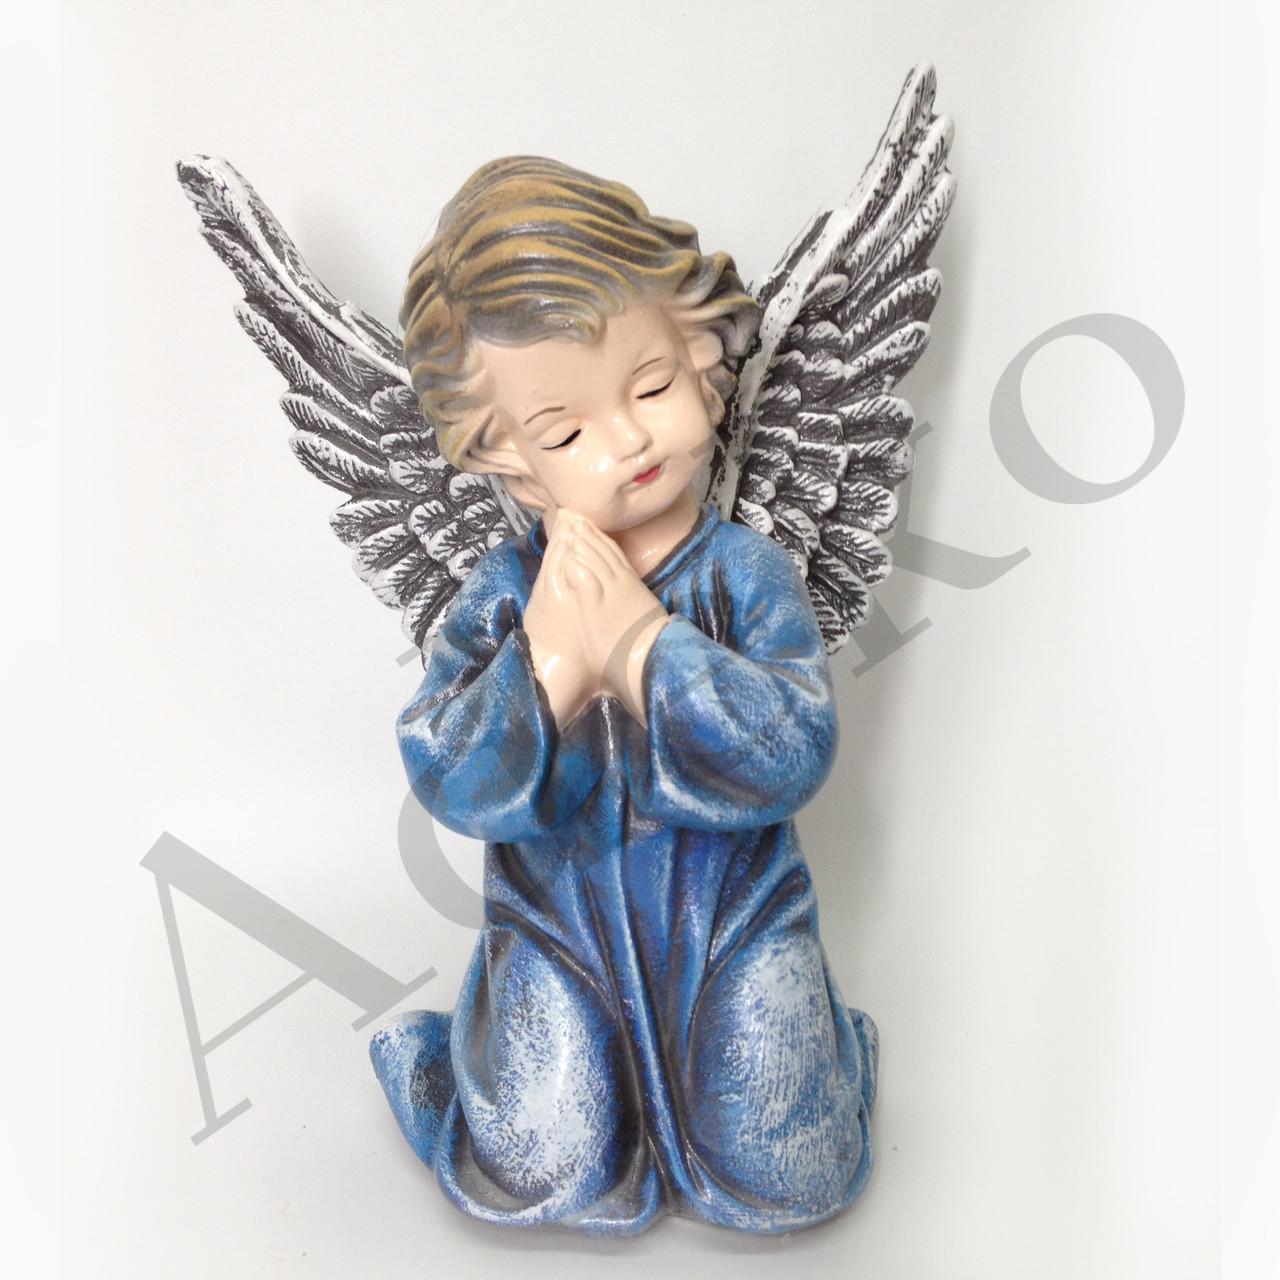 Декоративная скульптура Ангел с крыльями 28 см